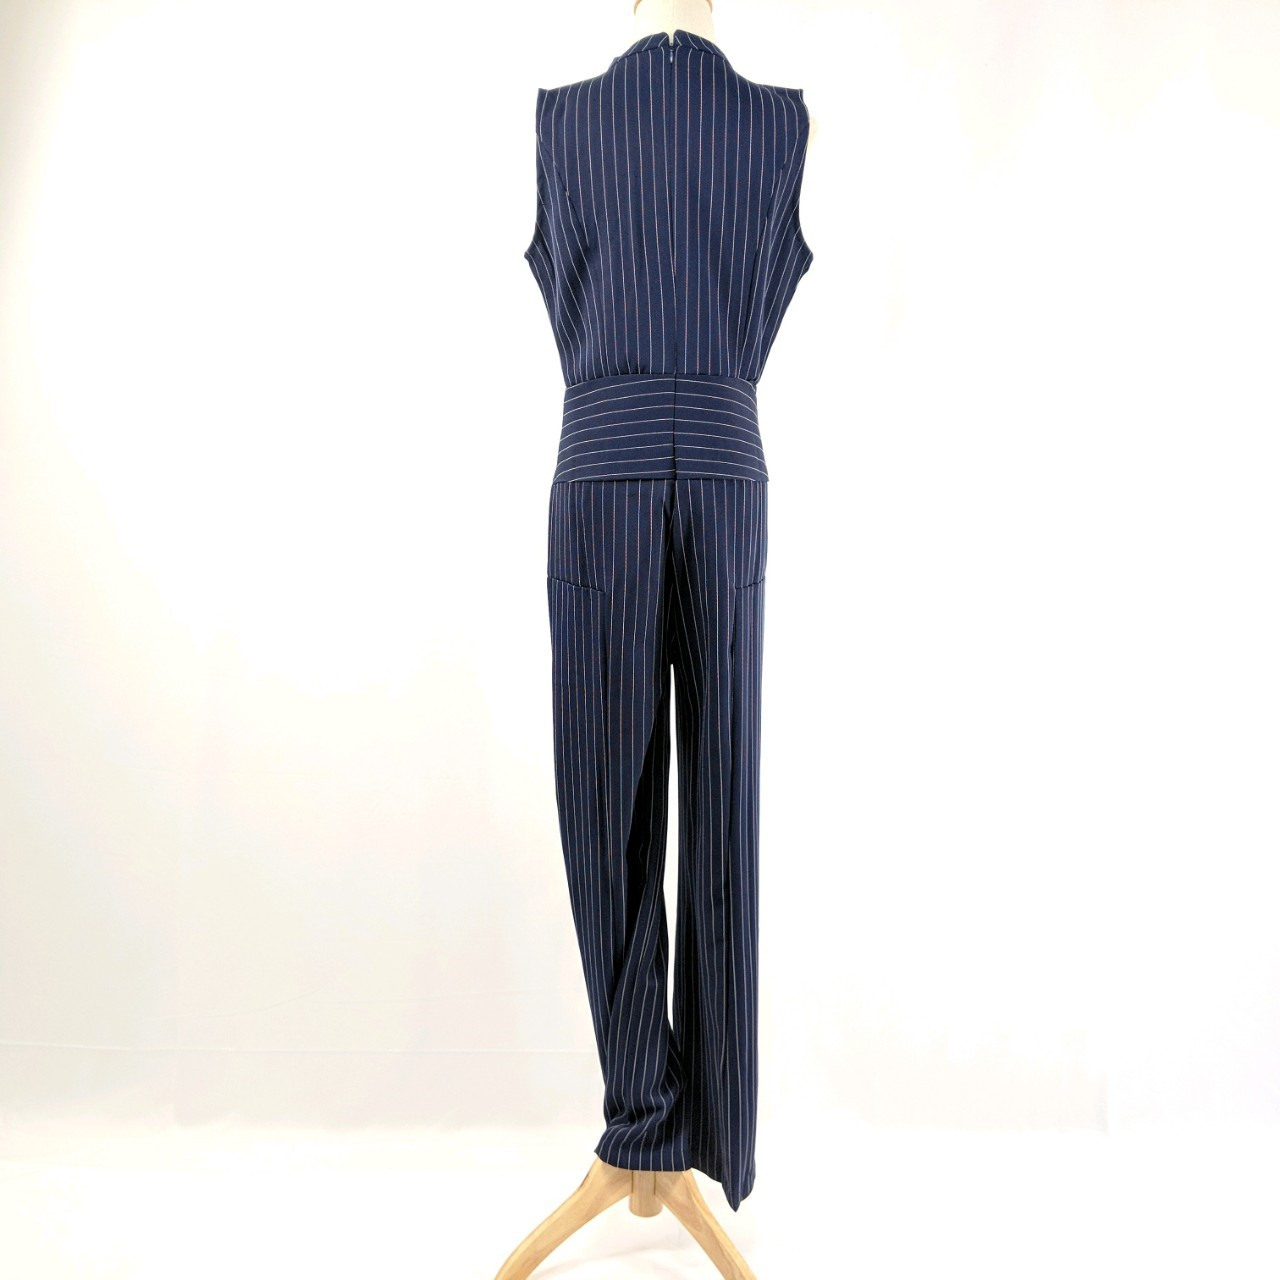 韓国 ファッション オールインワン サロペット 春 夏 パーティー ブライダル PTXE912  チョーカー風 Vネック ウエストマーク ワイドパンツ ドレス 二次会 セレブ きれいめの写真17枚目